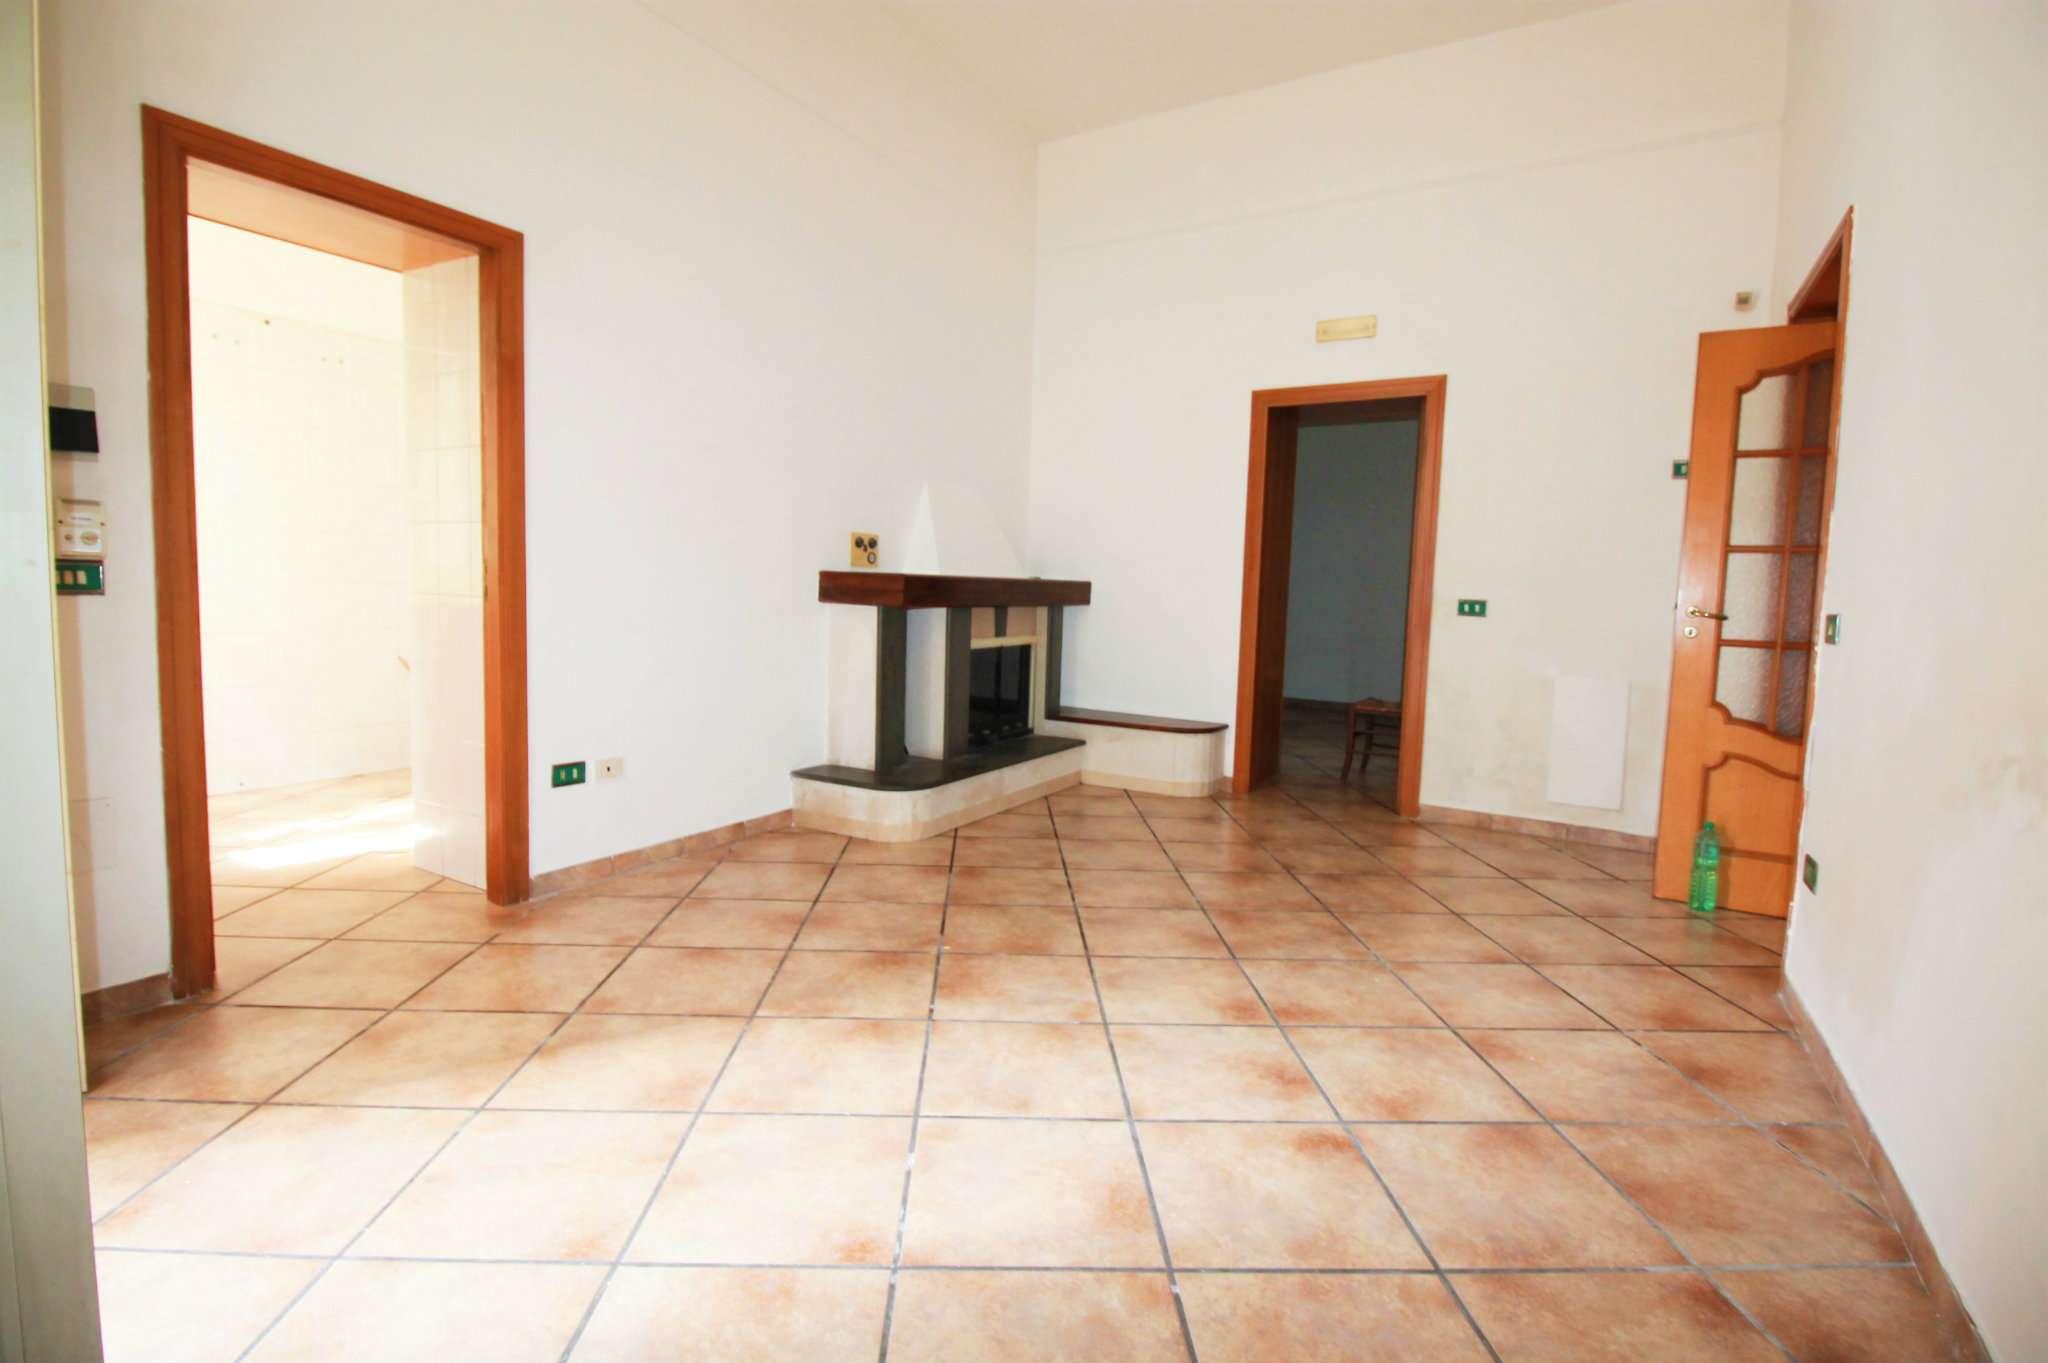 Appartamento in affitto a Saviano, 4 locali, prezzo € 300 | Cambio Casa.it